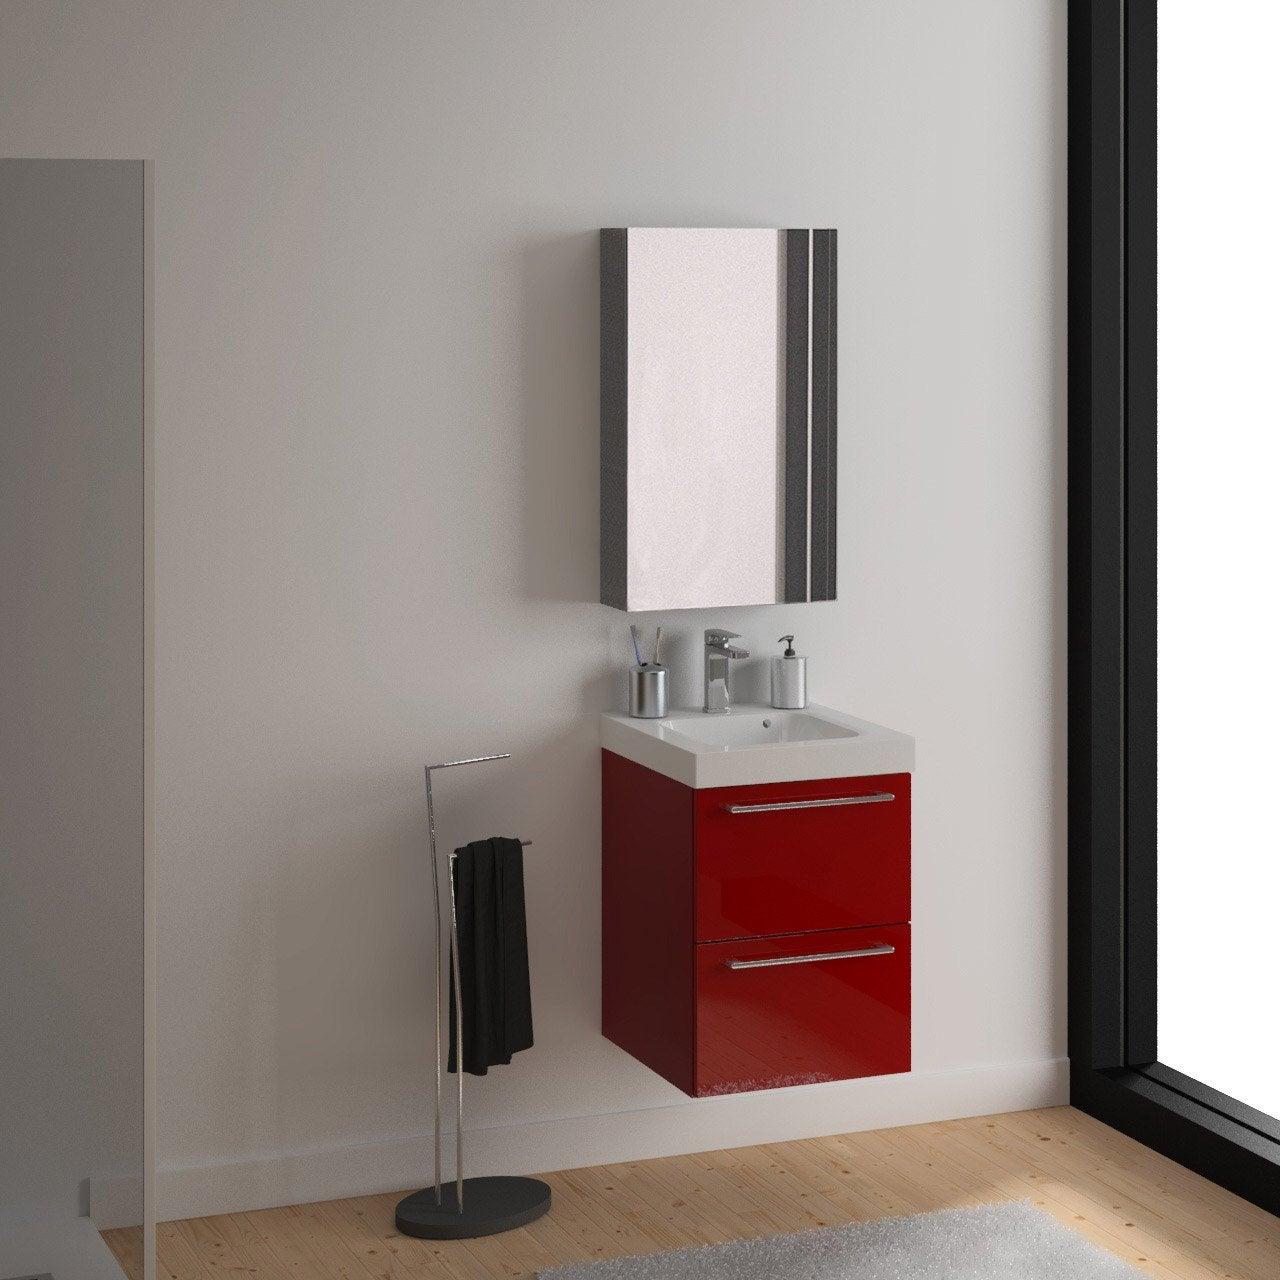 meuble vasque l46 x h577 x p46 cm rouge sensea remix leroy merlin salle de - Salle De Bains Rouge